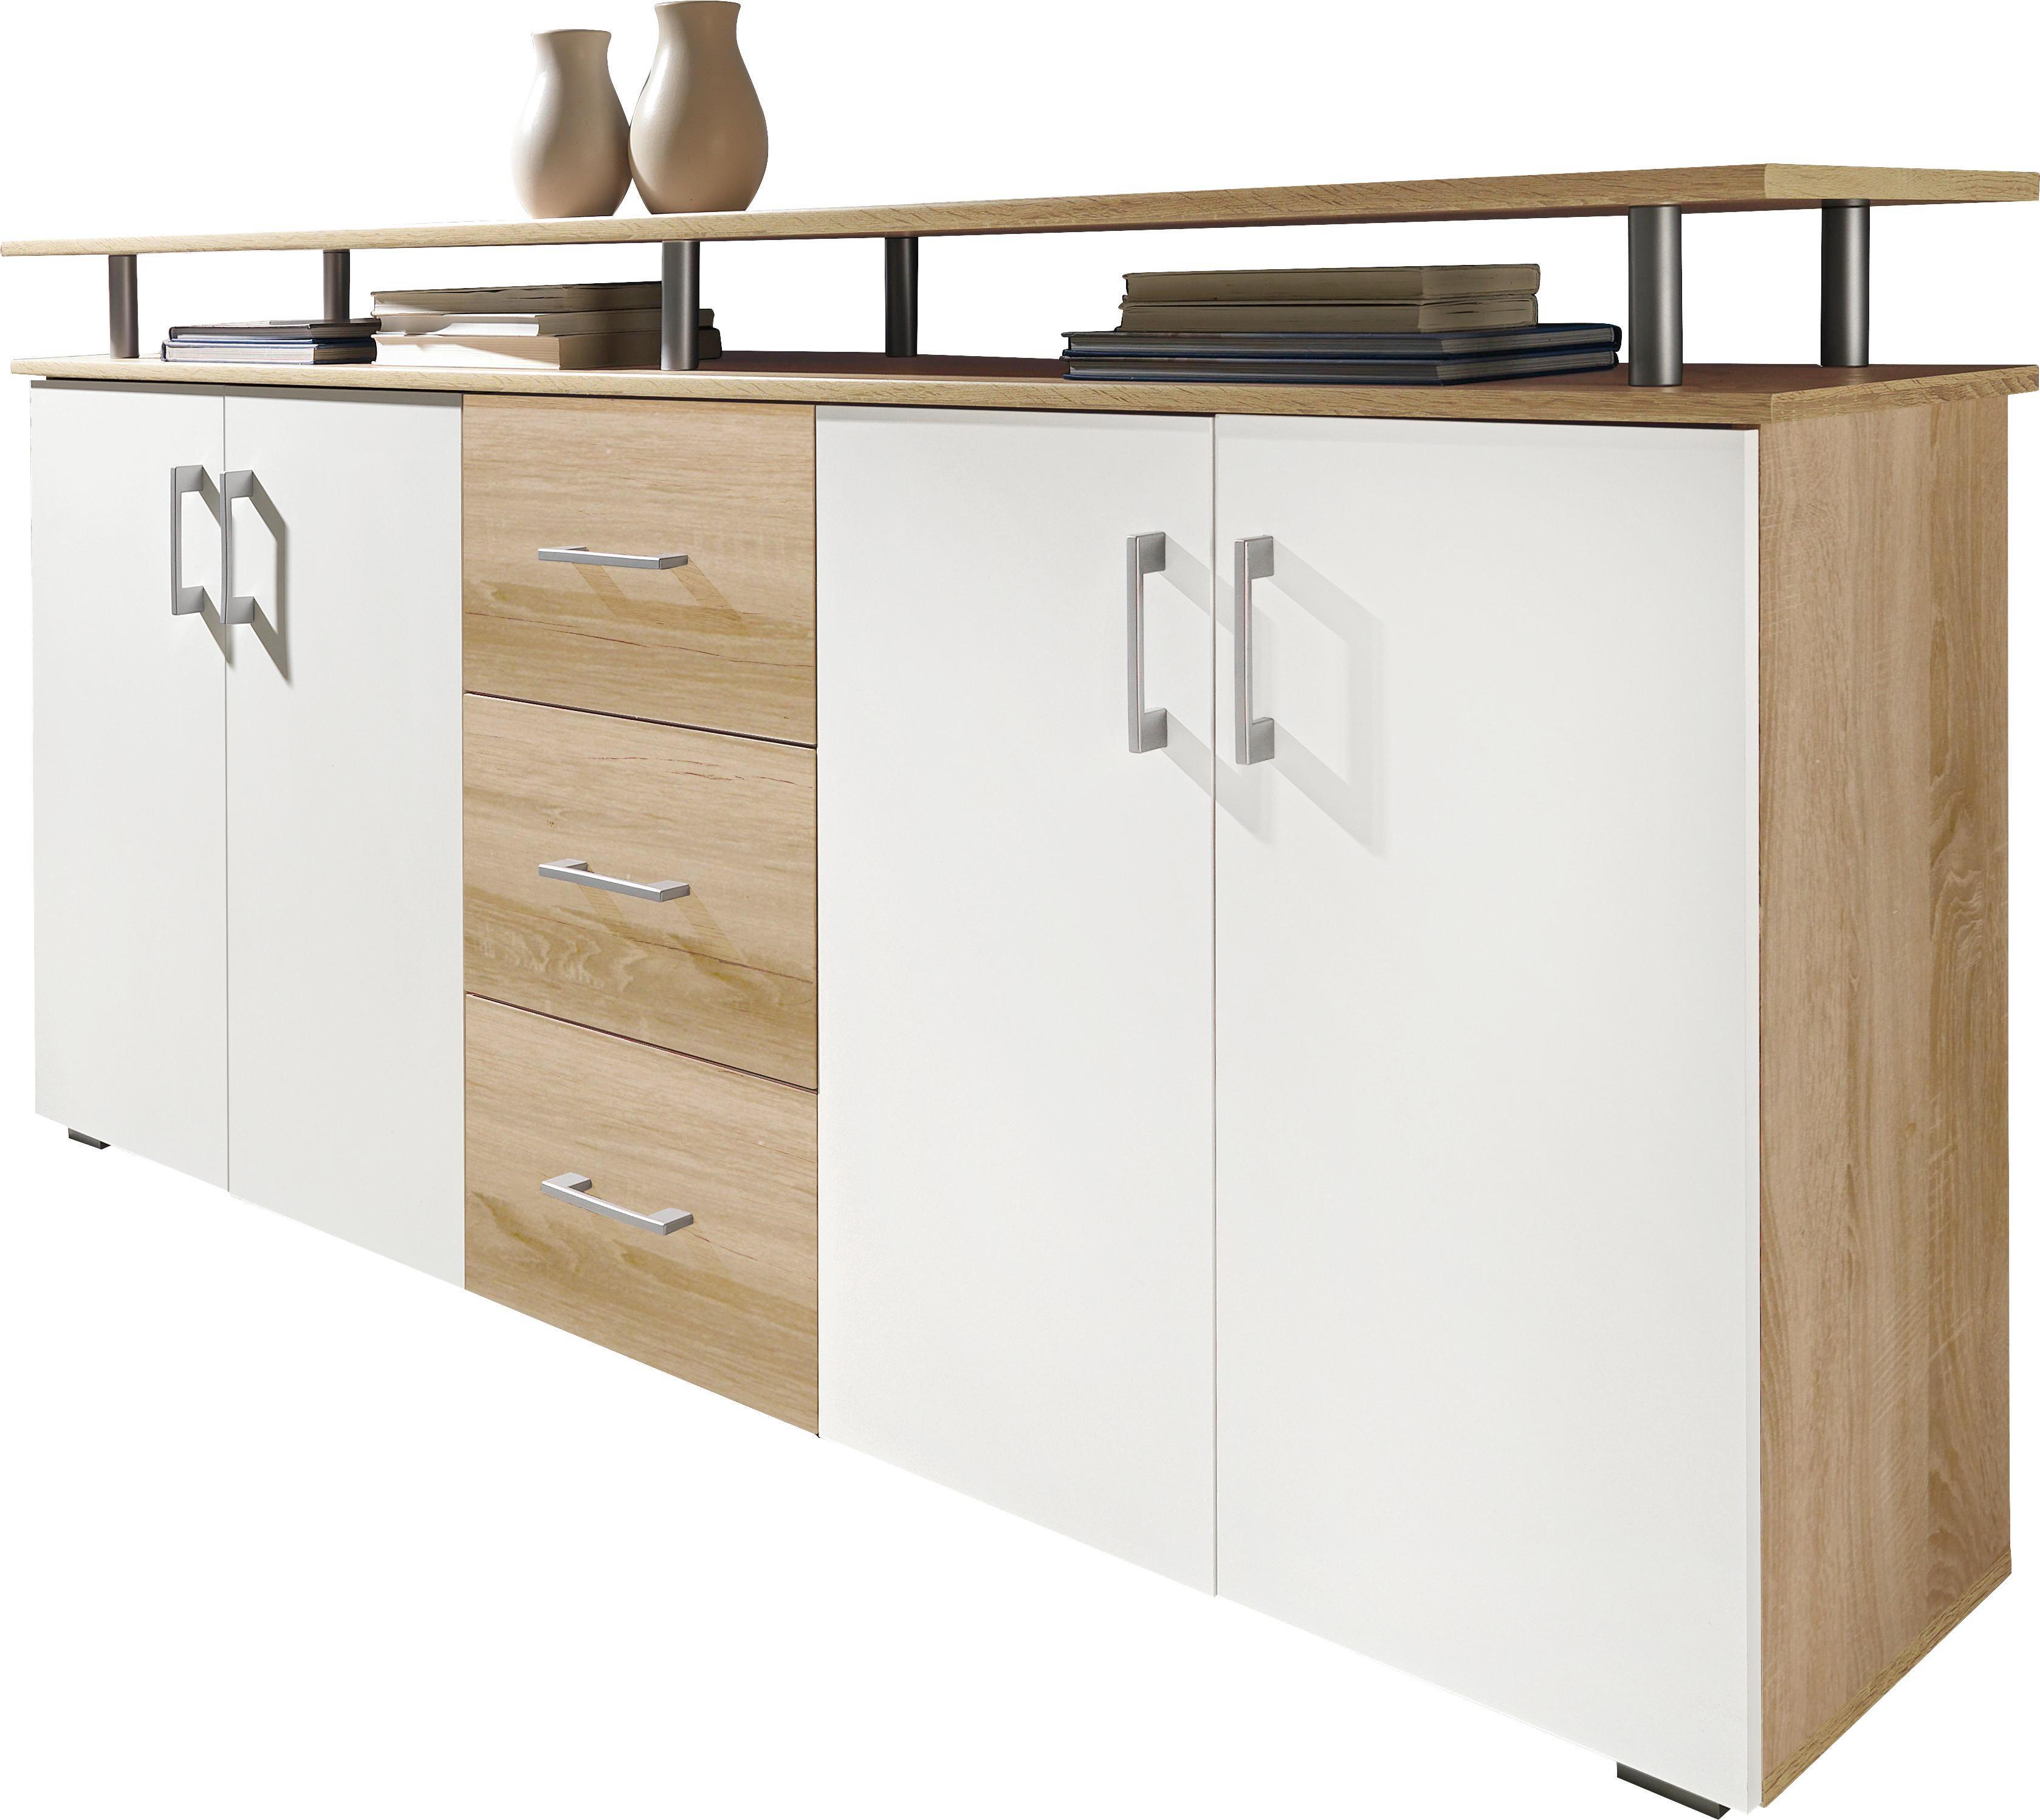 KOMODA - bijela/boje hrasta, Design, drvni materijal/plastika (180177/91/39cm) - XORA